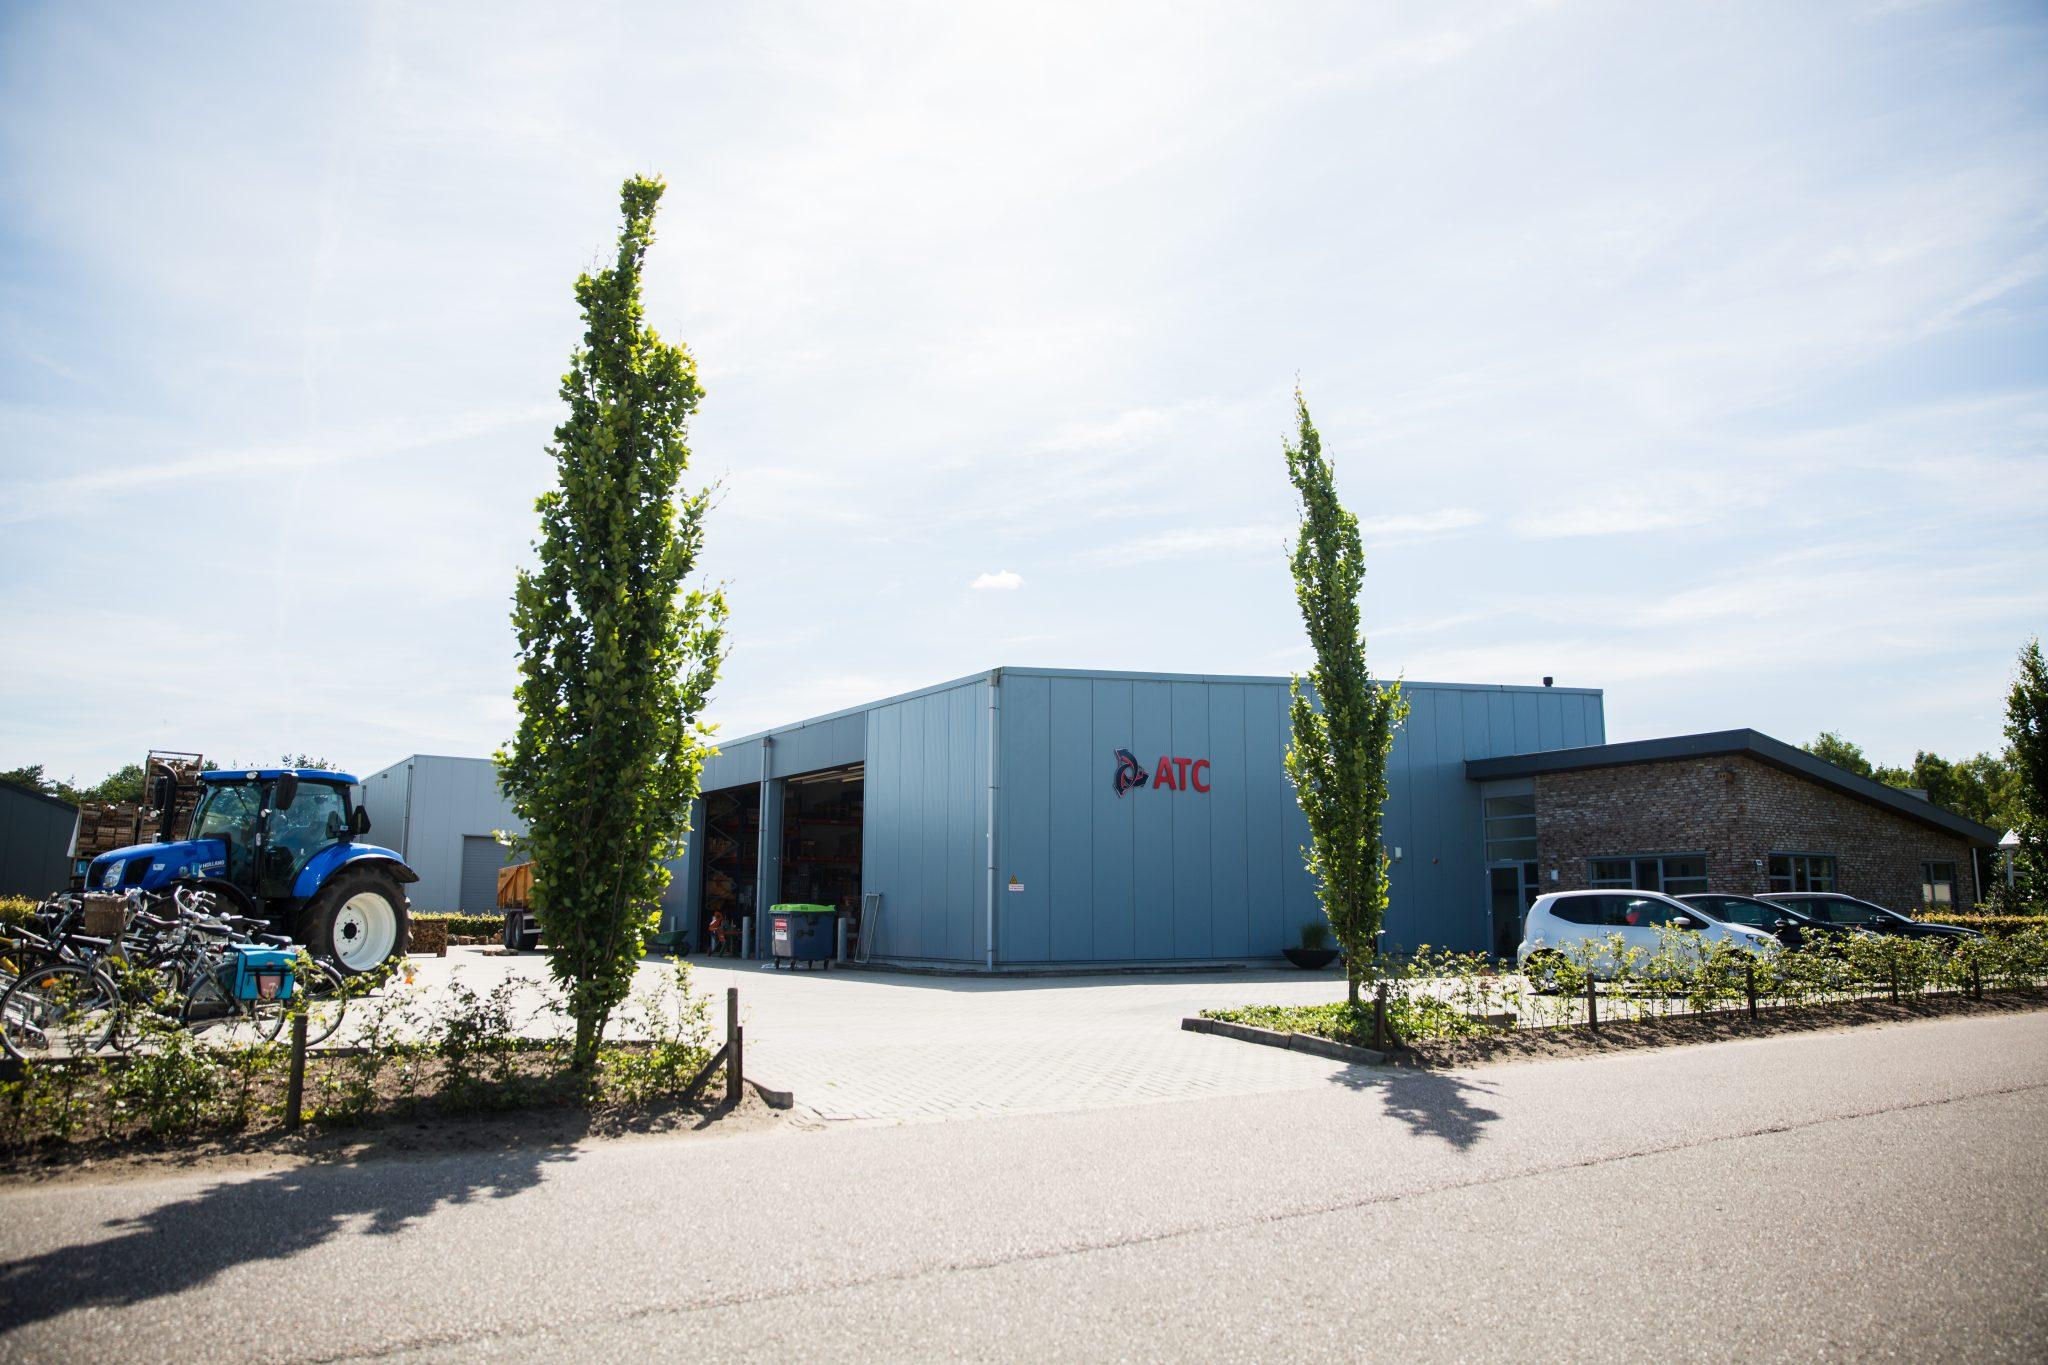 ATC het praktijk trainings centrum van Aquila